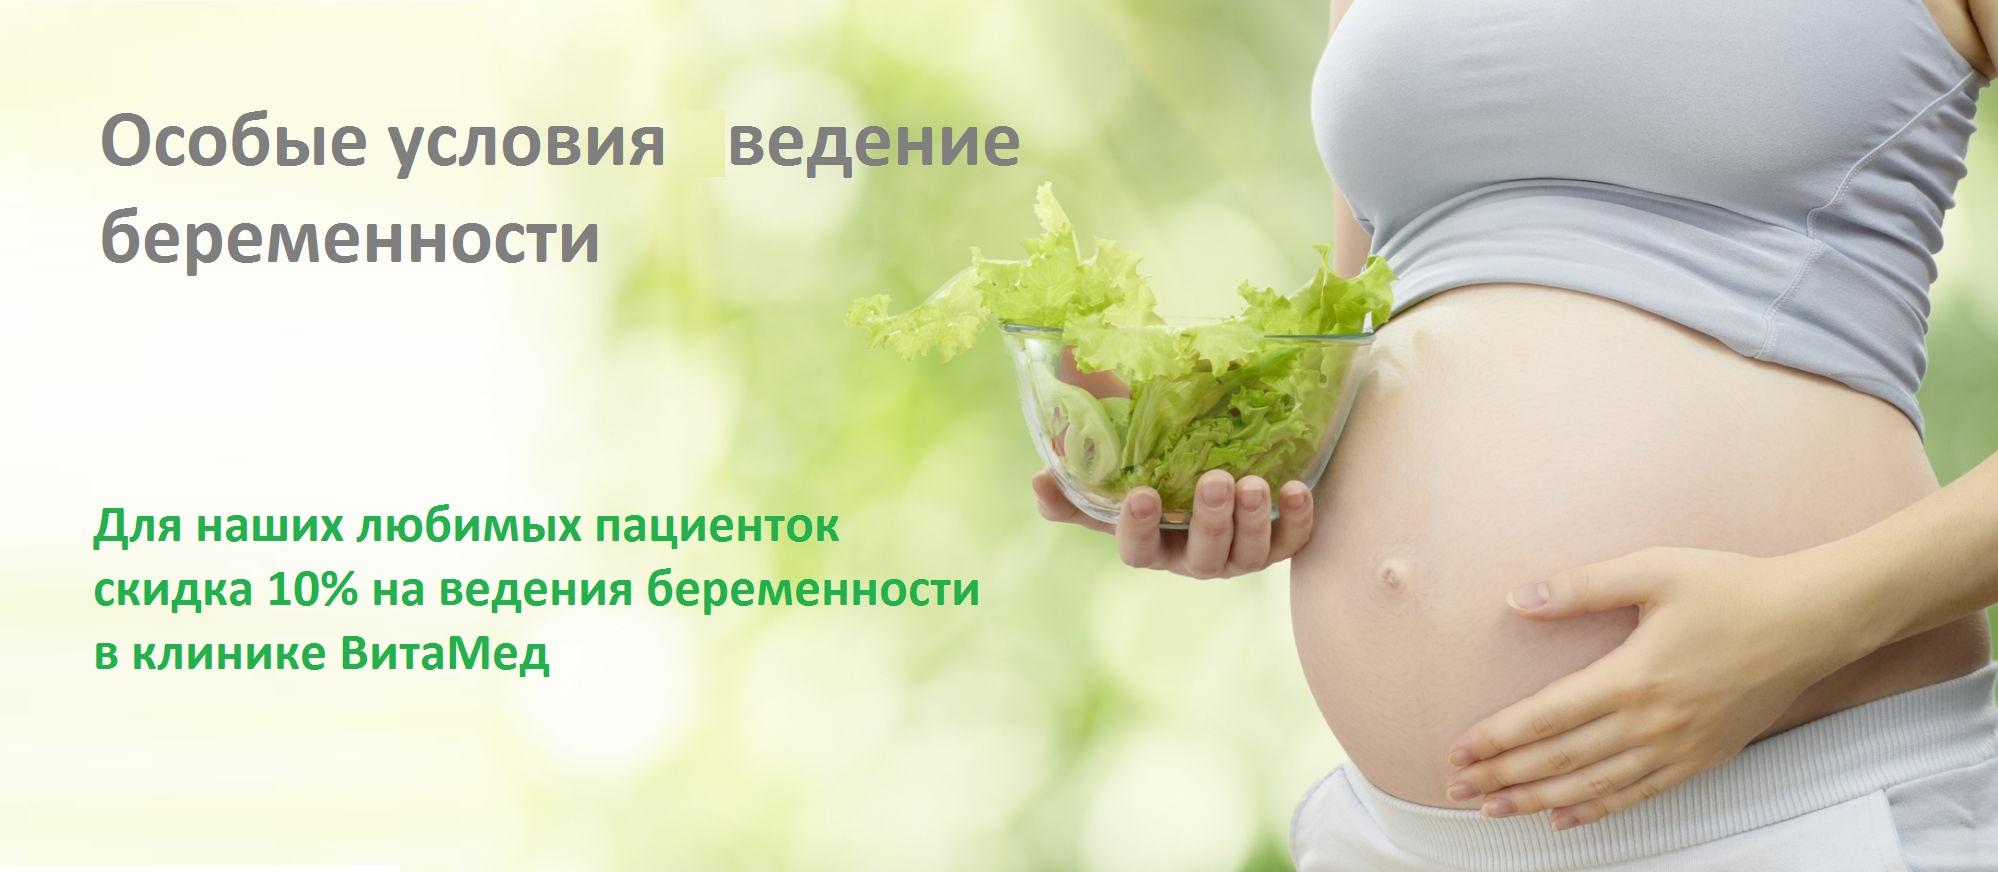 Особые условия ведения беременности